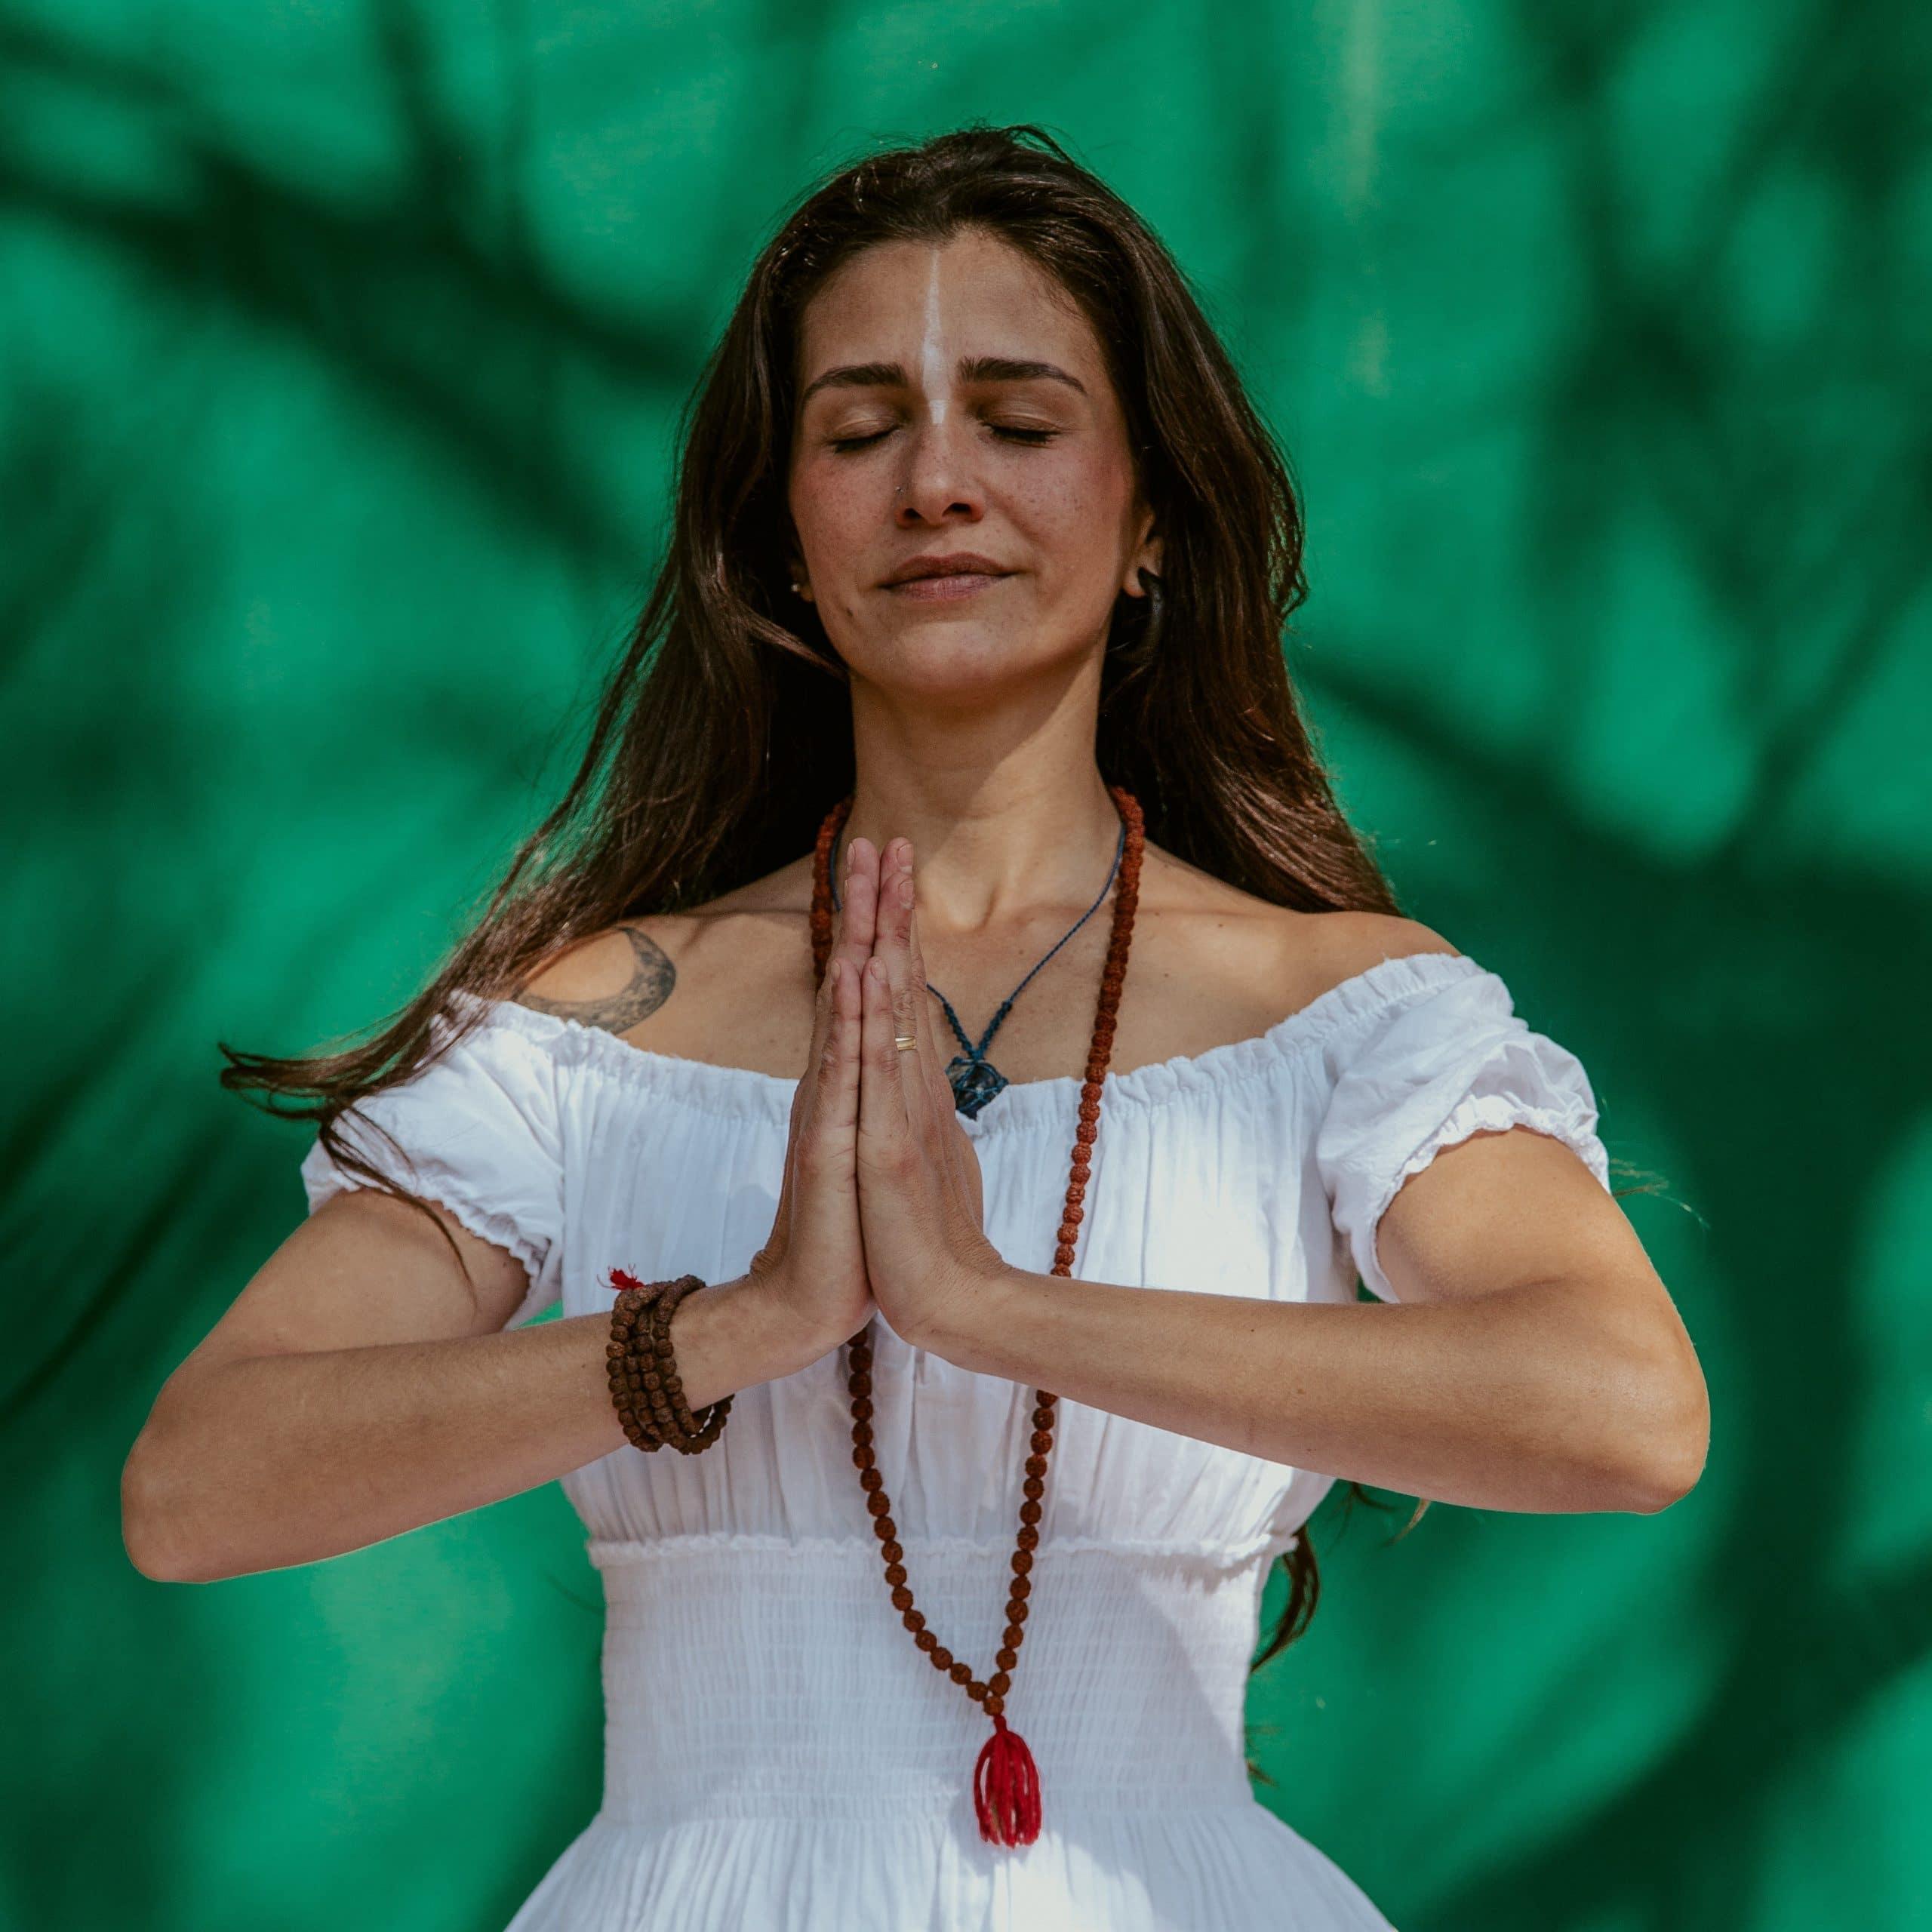 Mulher meditando com as mãos em oração.